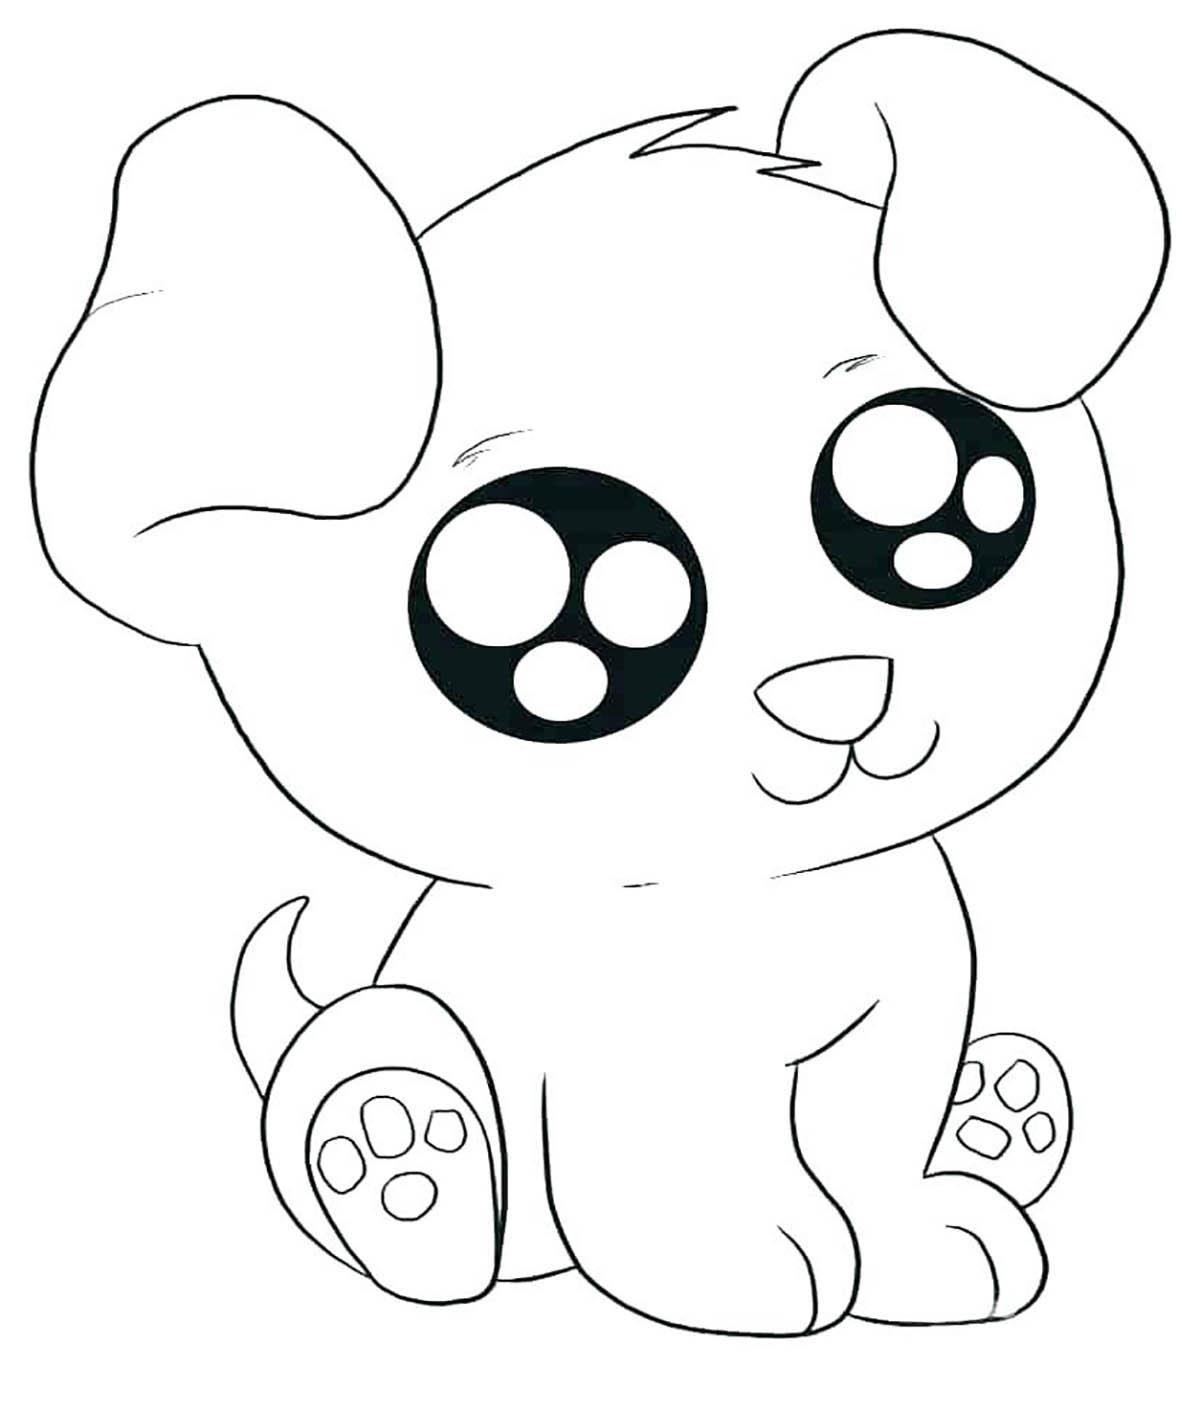 Dogs To Print Kawai Dog